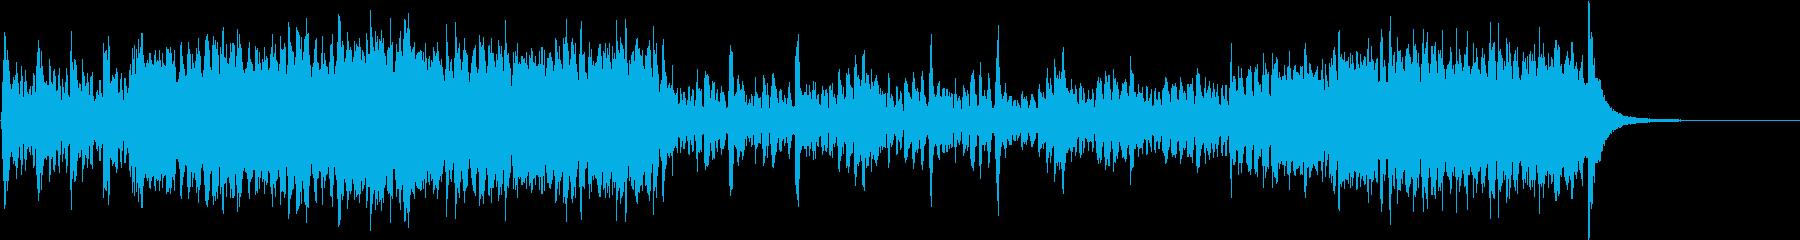 ワクワクするクラシック曲 四季より  1の再生済みの波形